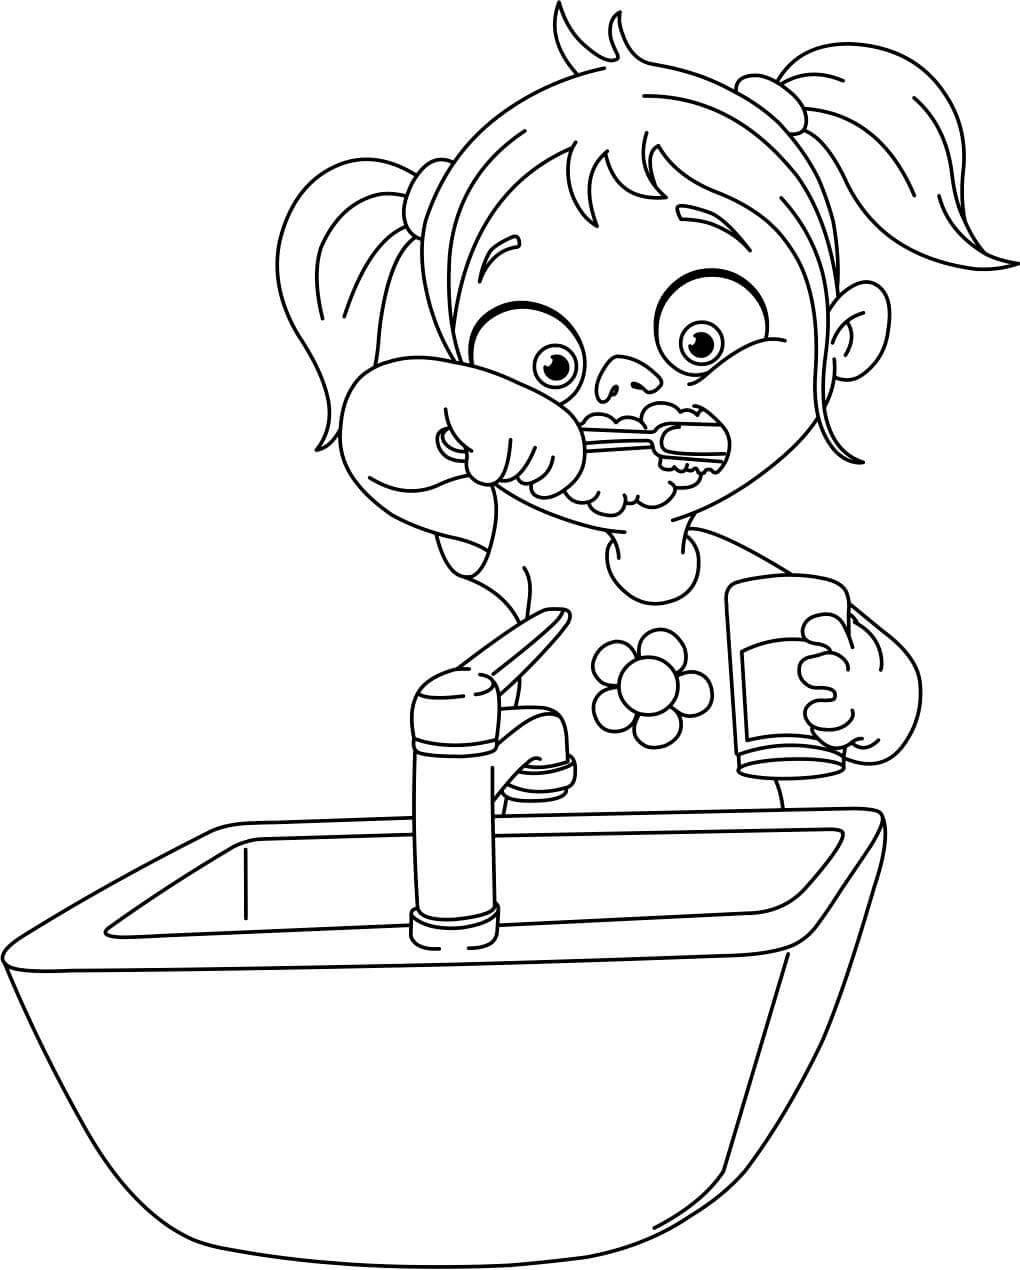 bildergebnis für ausmalbilder zaehne putzen  coloring